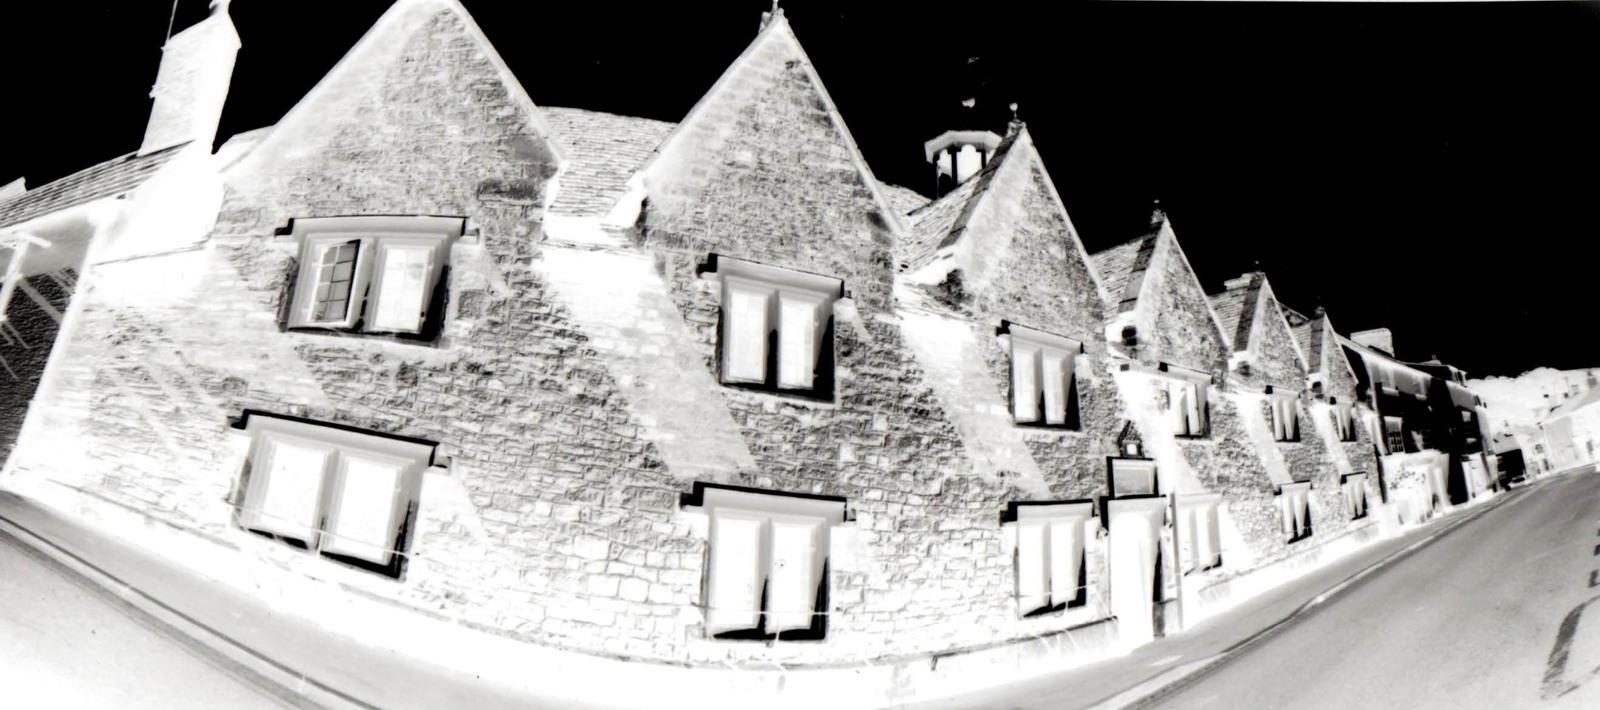 3. Almshouses (Perry & Dawe)